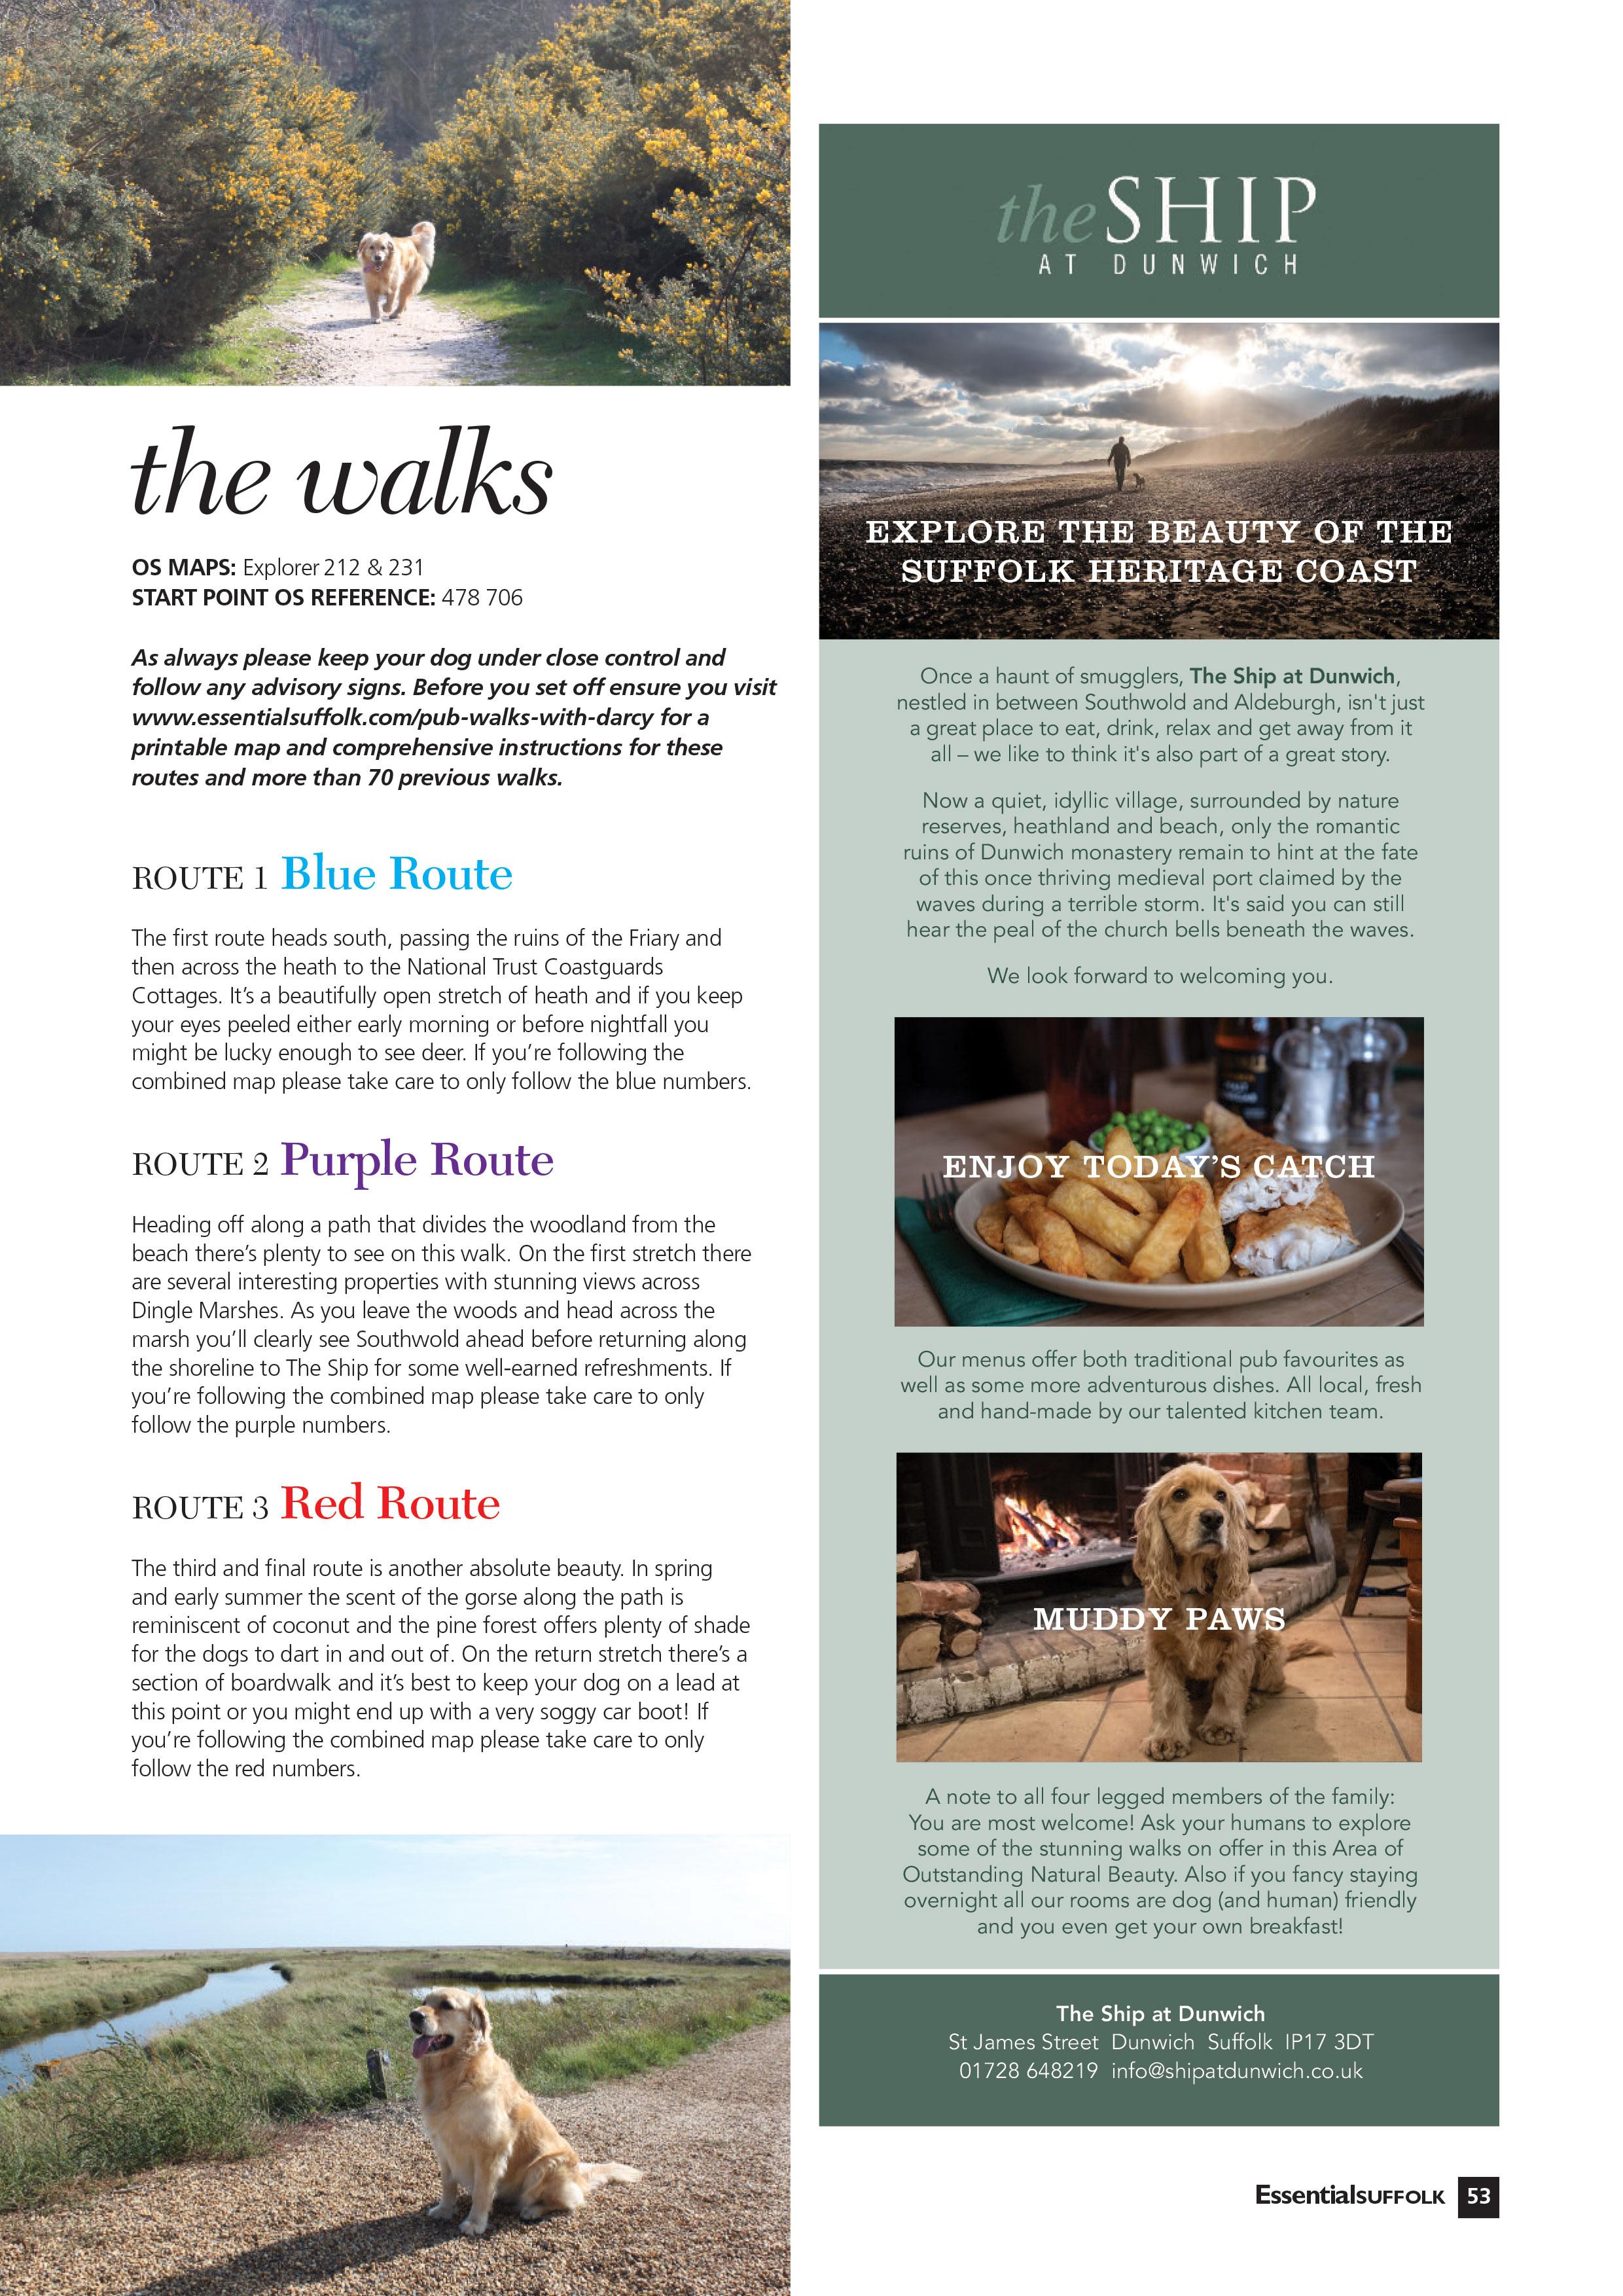 Essential-March-April-dog-walk-2.jpg